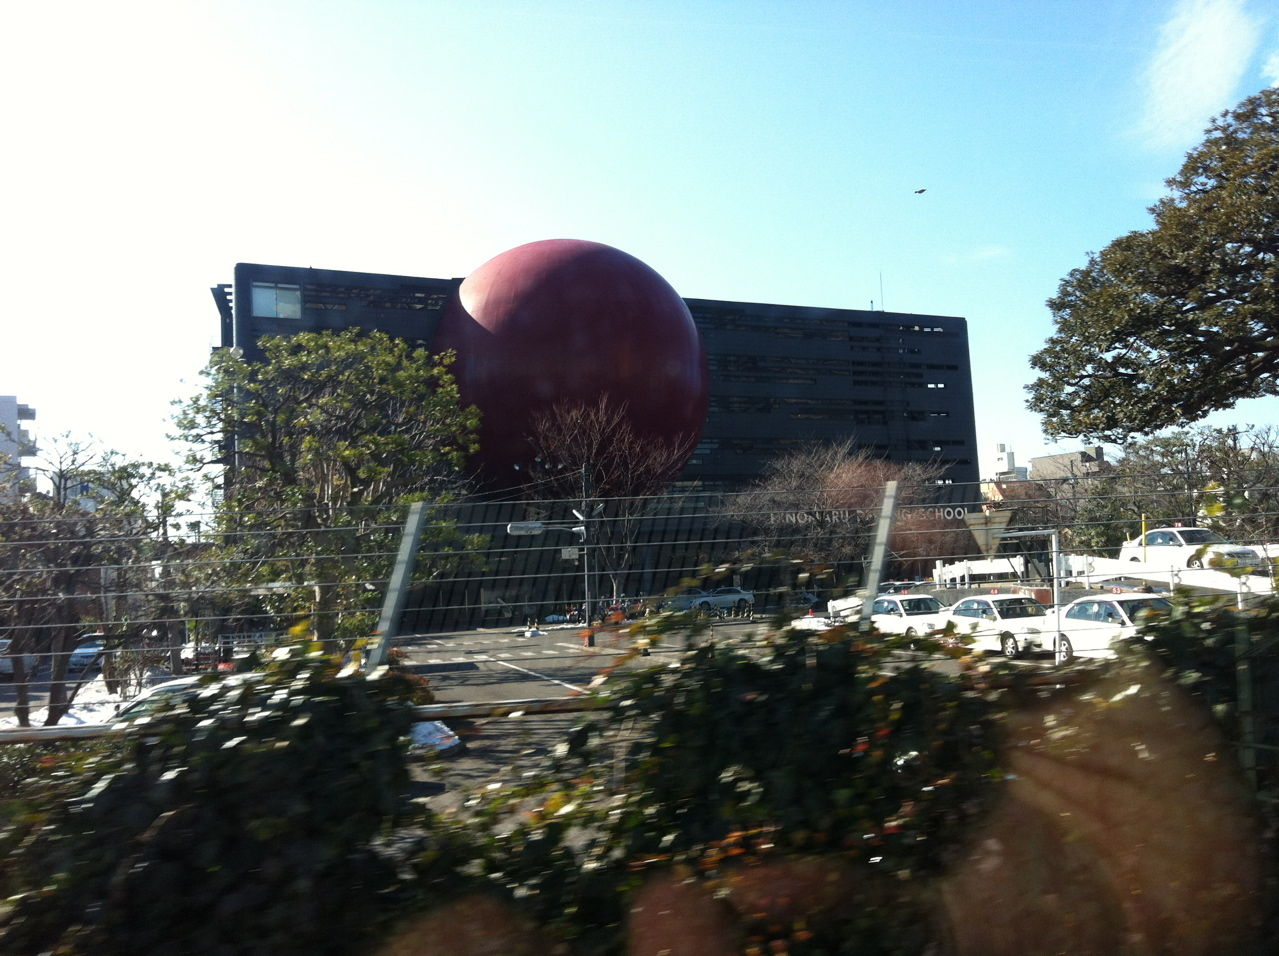 赤い球体ビル@日の丸自動車学校(東京・目黒)